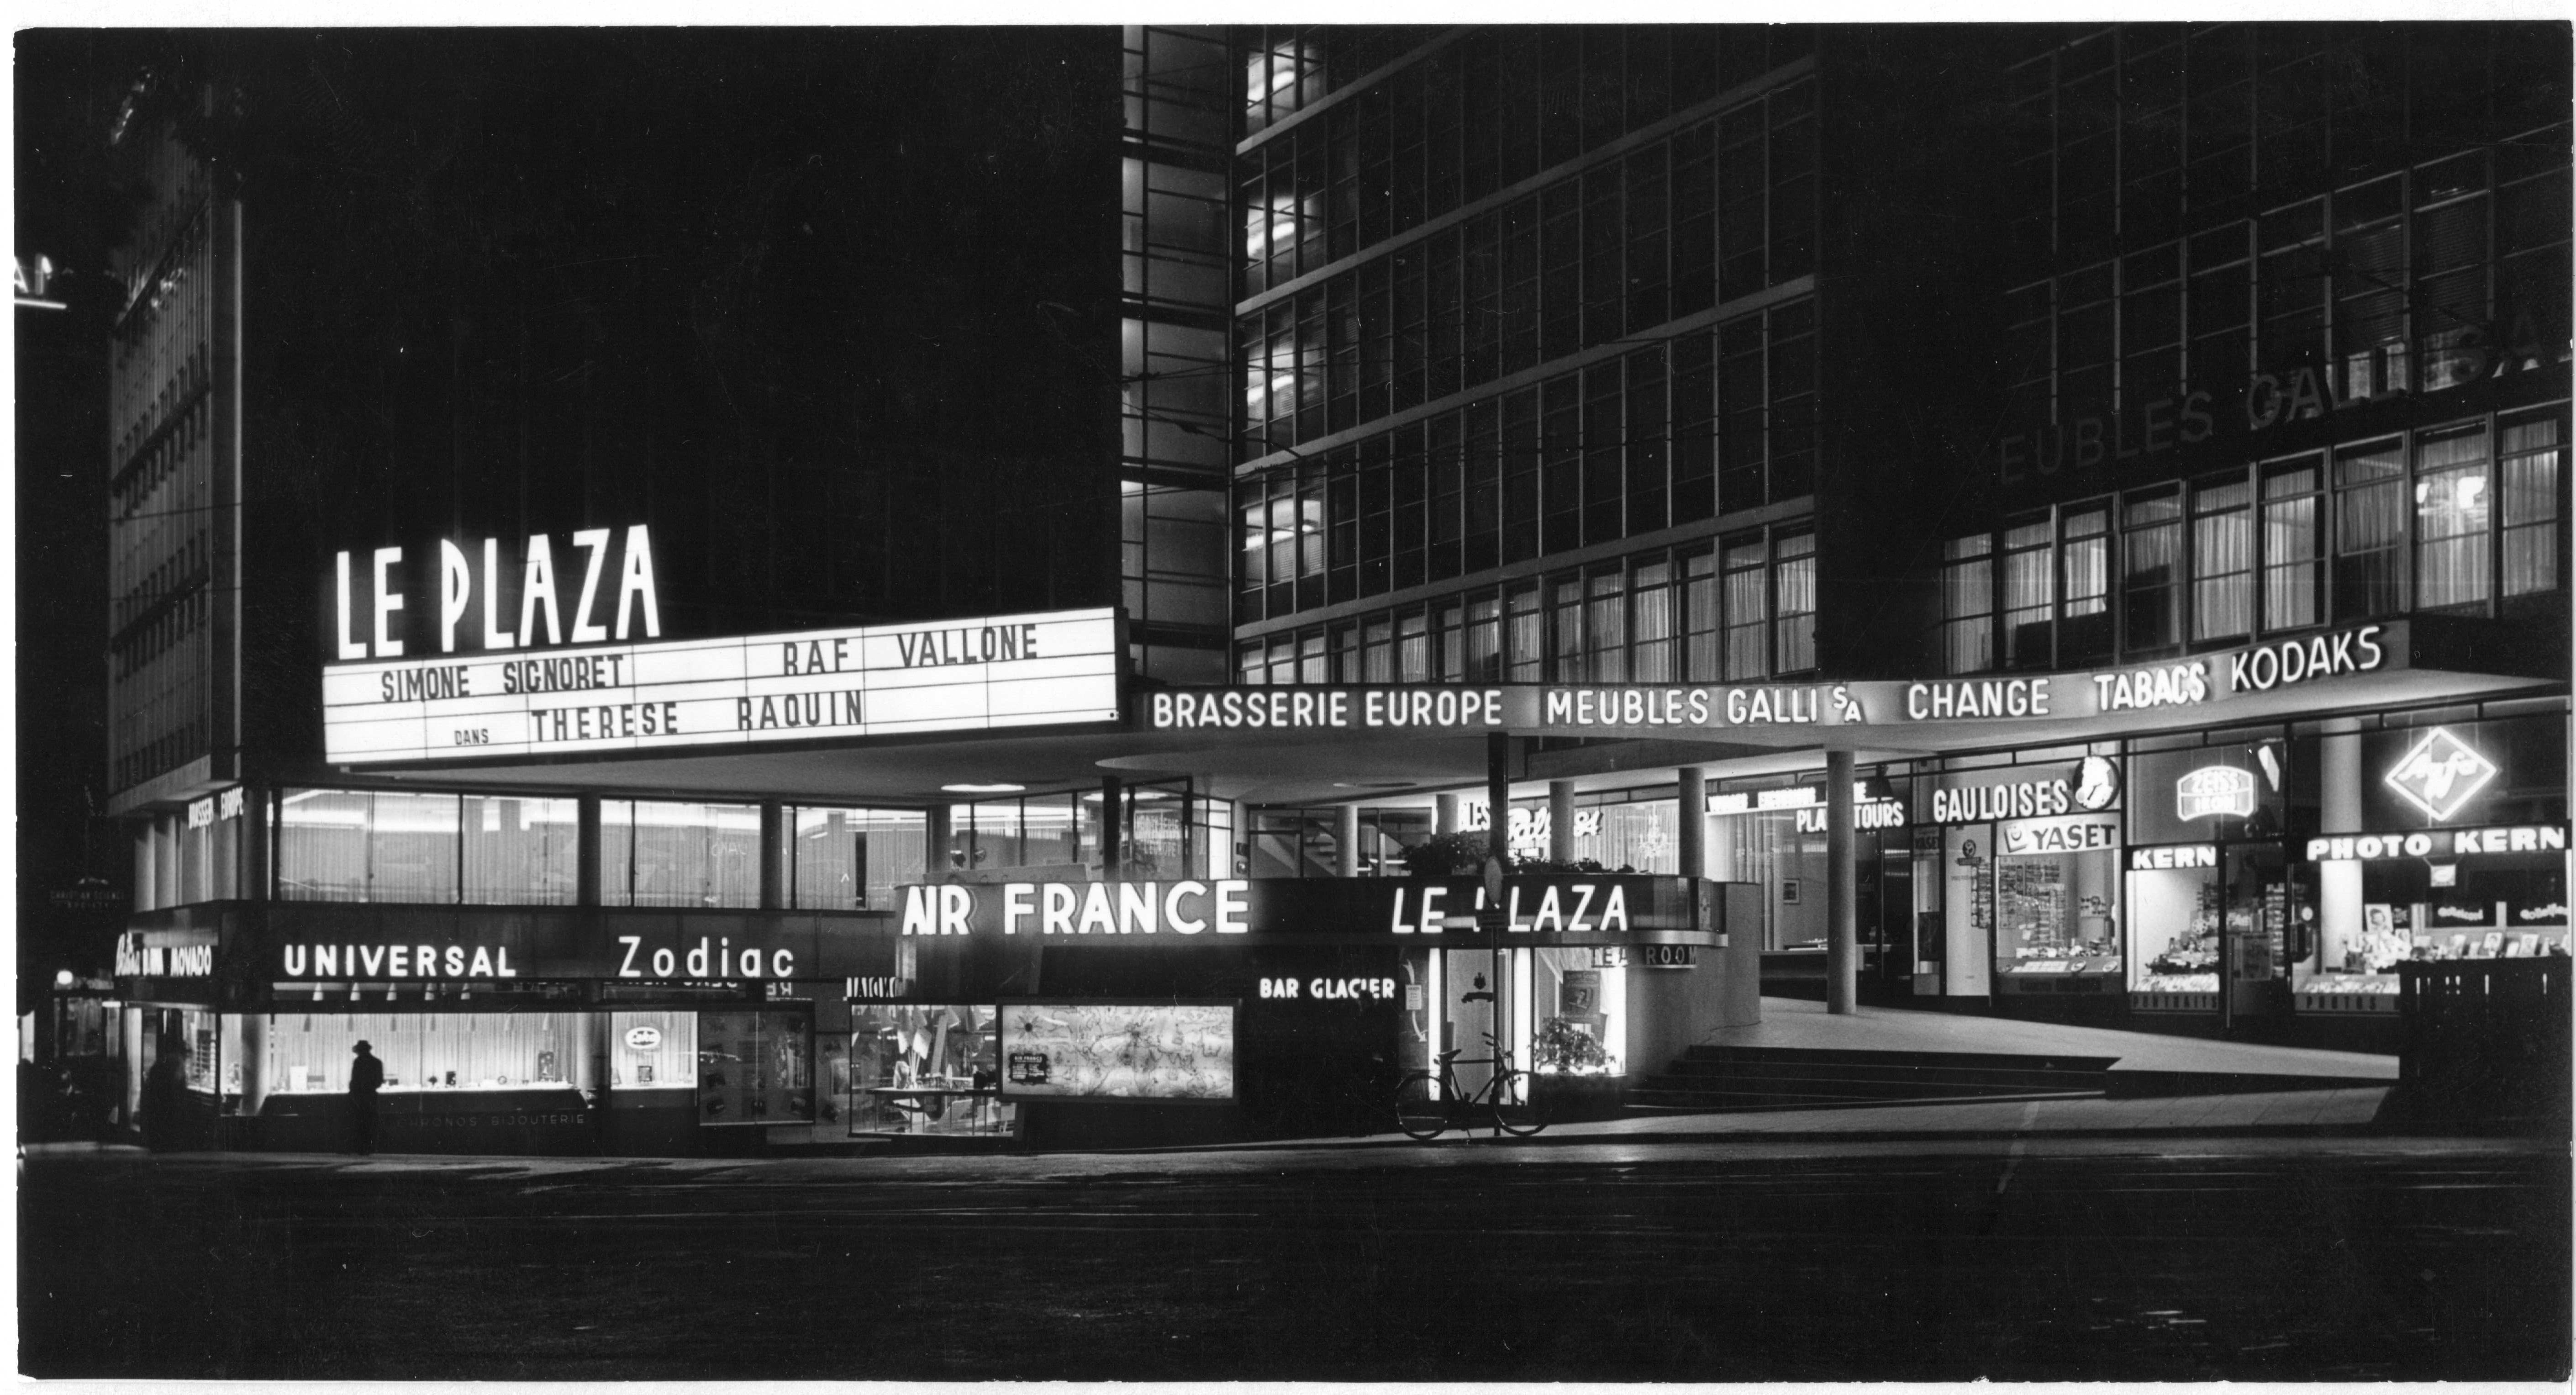 Il faut sauver le cinéma Plaza (2)